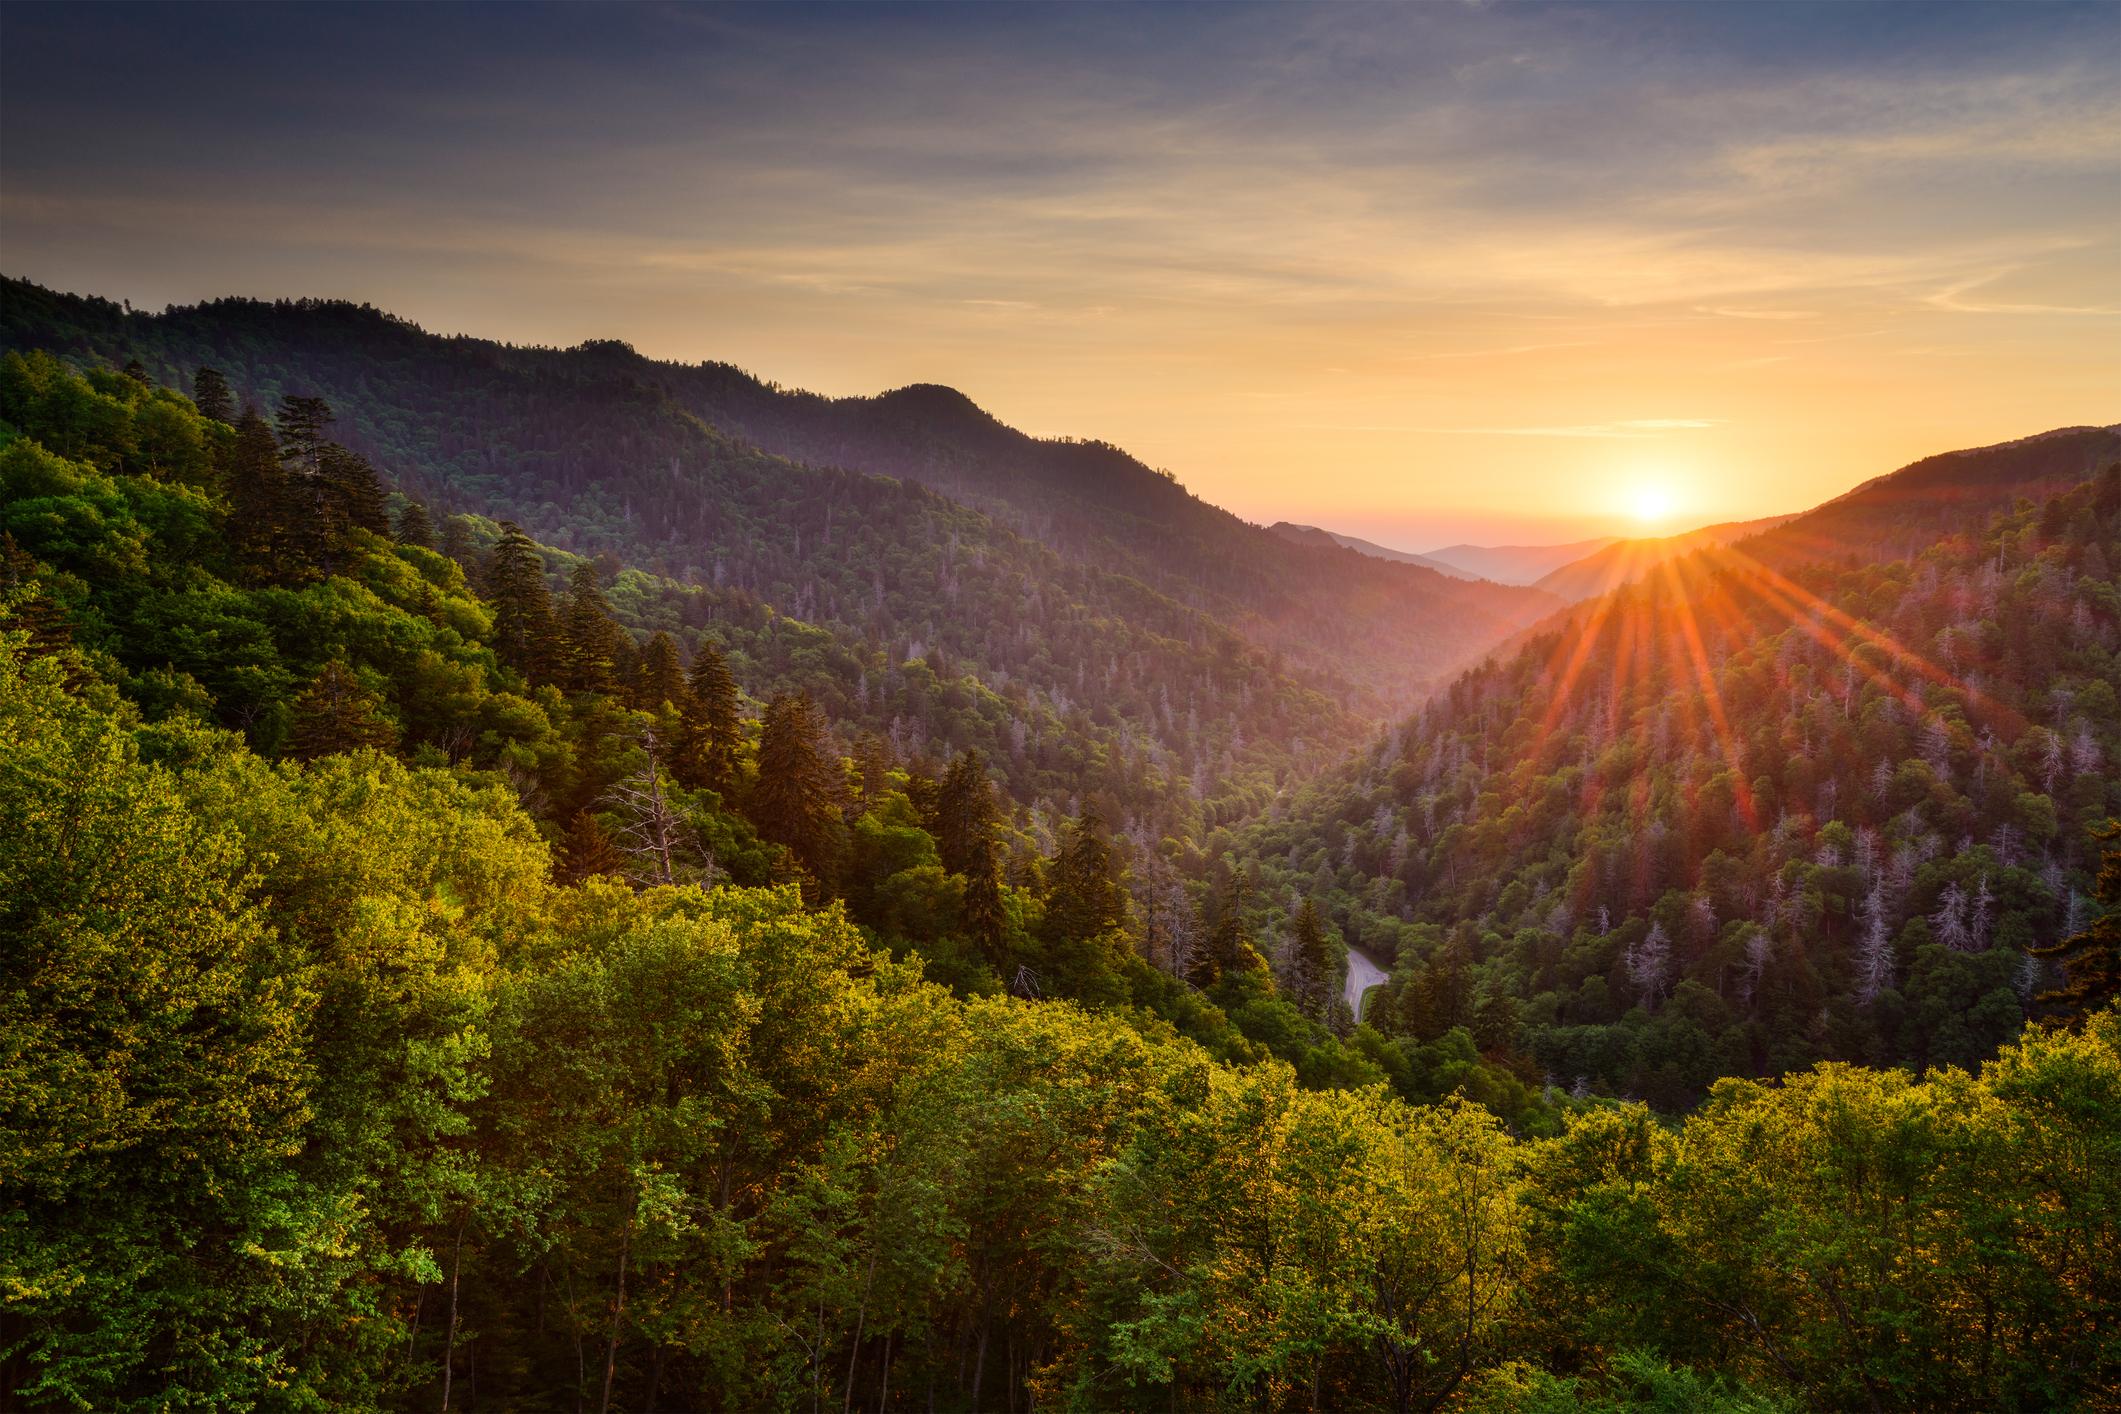 Sunset over a vast mountain range.